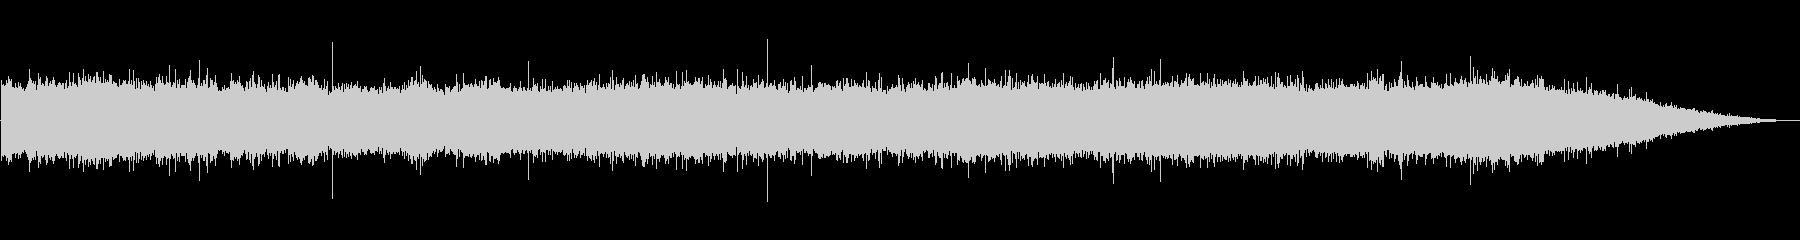 ザー…(滝、自然、滝つぼ)の未再生の波形